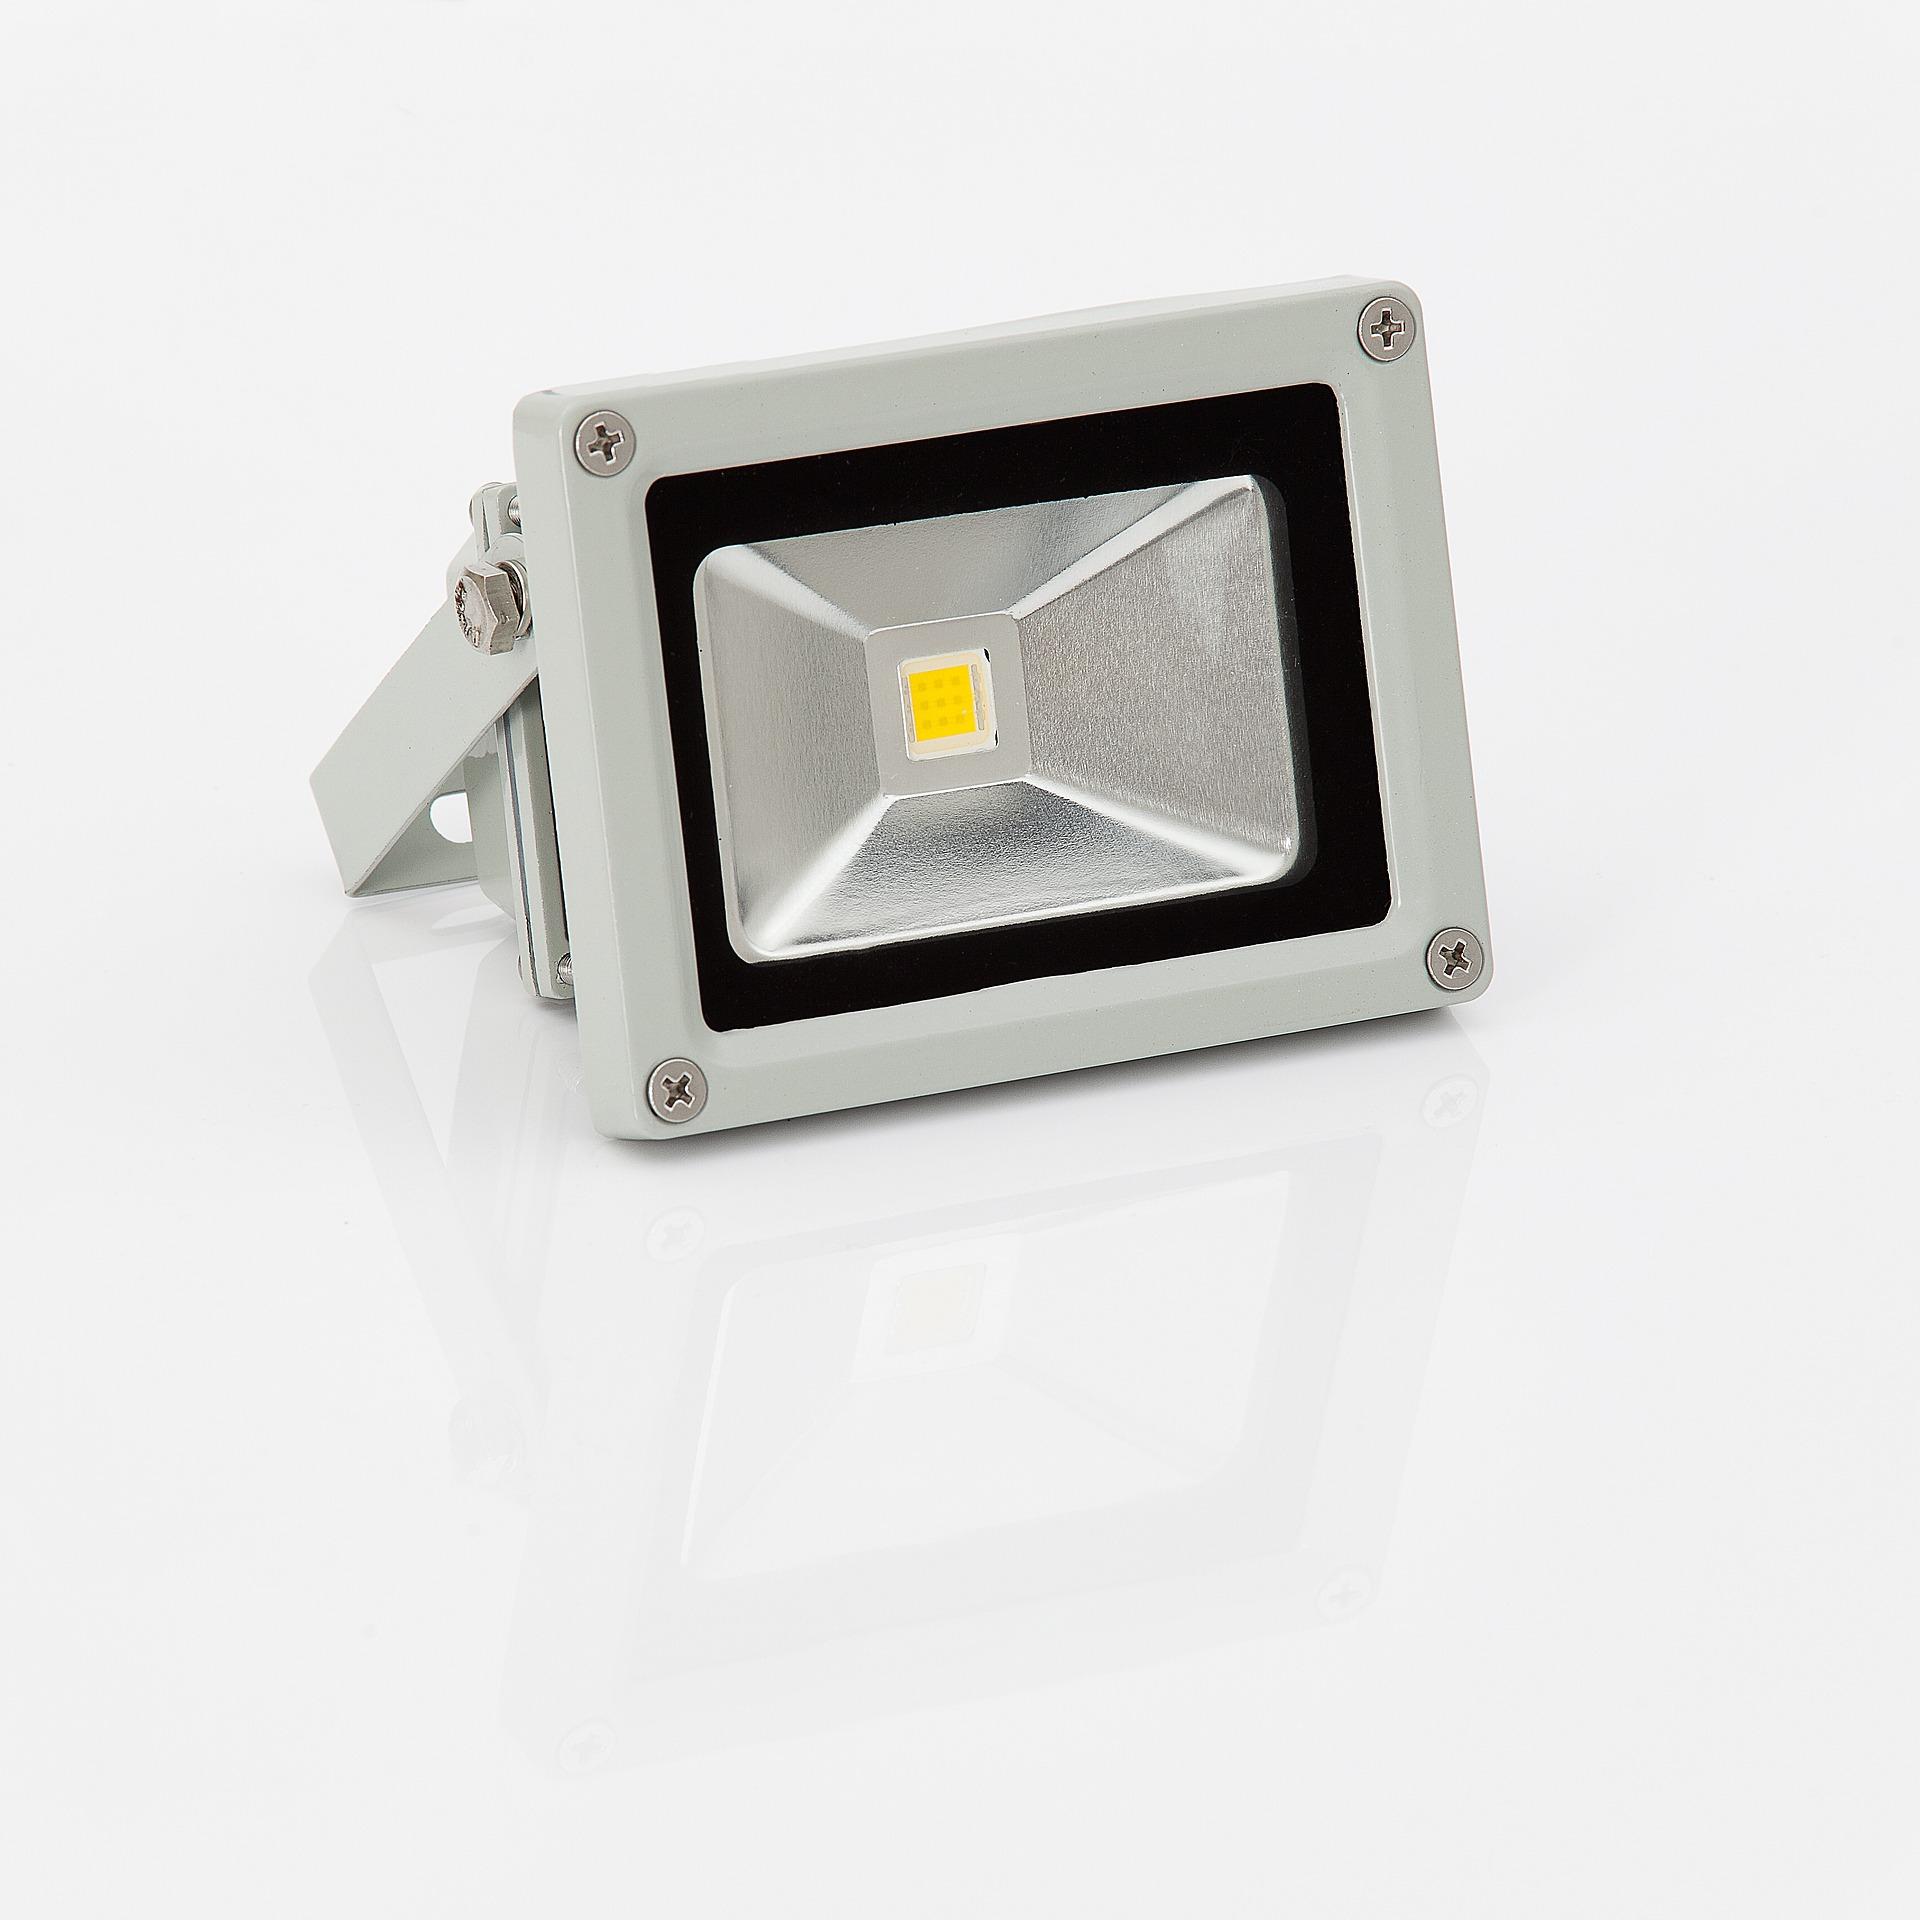 Tienda de iluminación LED, proyectores, bombillas, lámparas